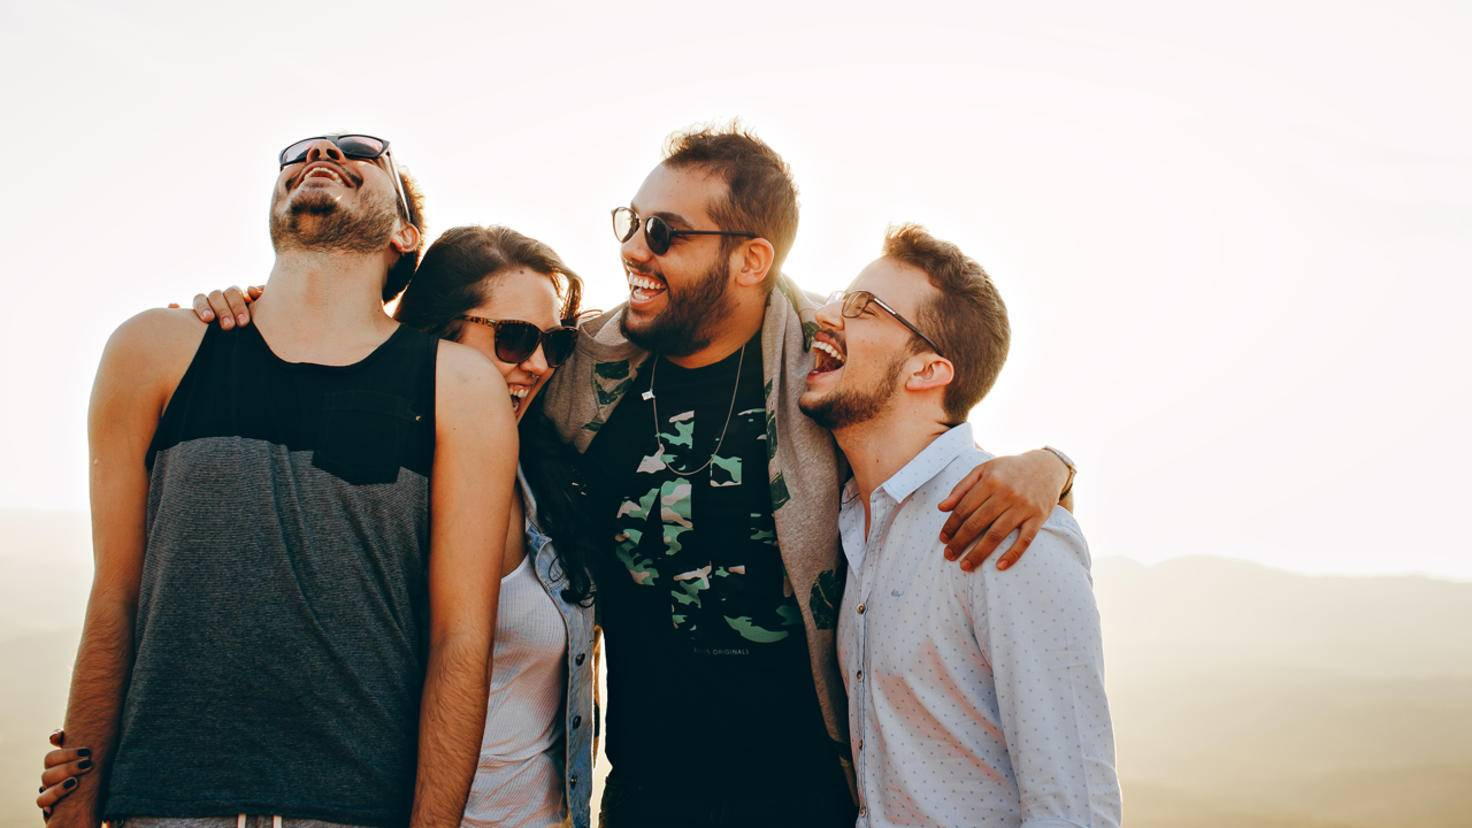 Gruppenfoto 4